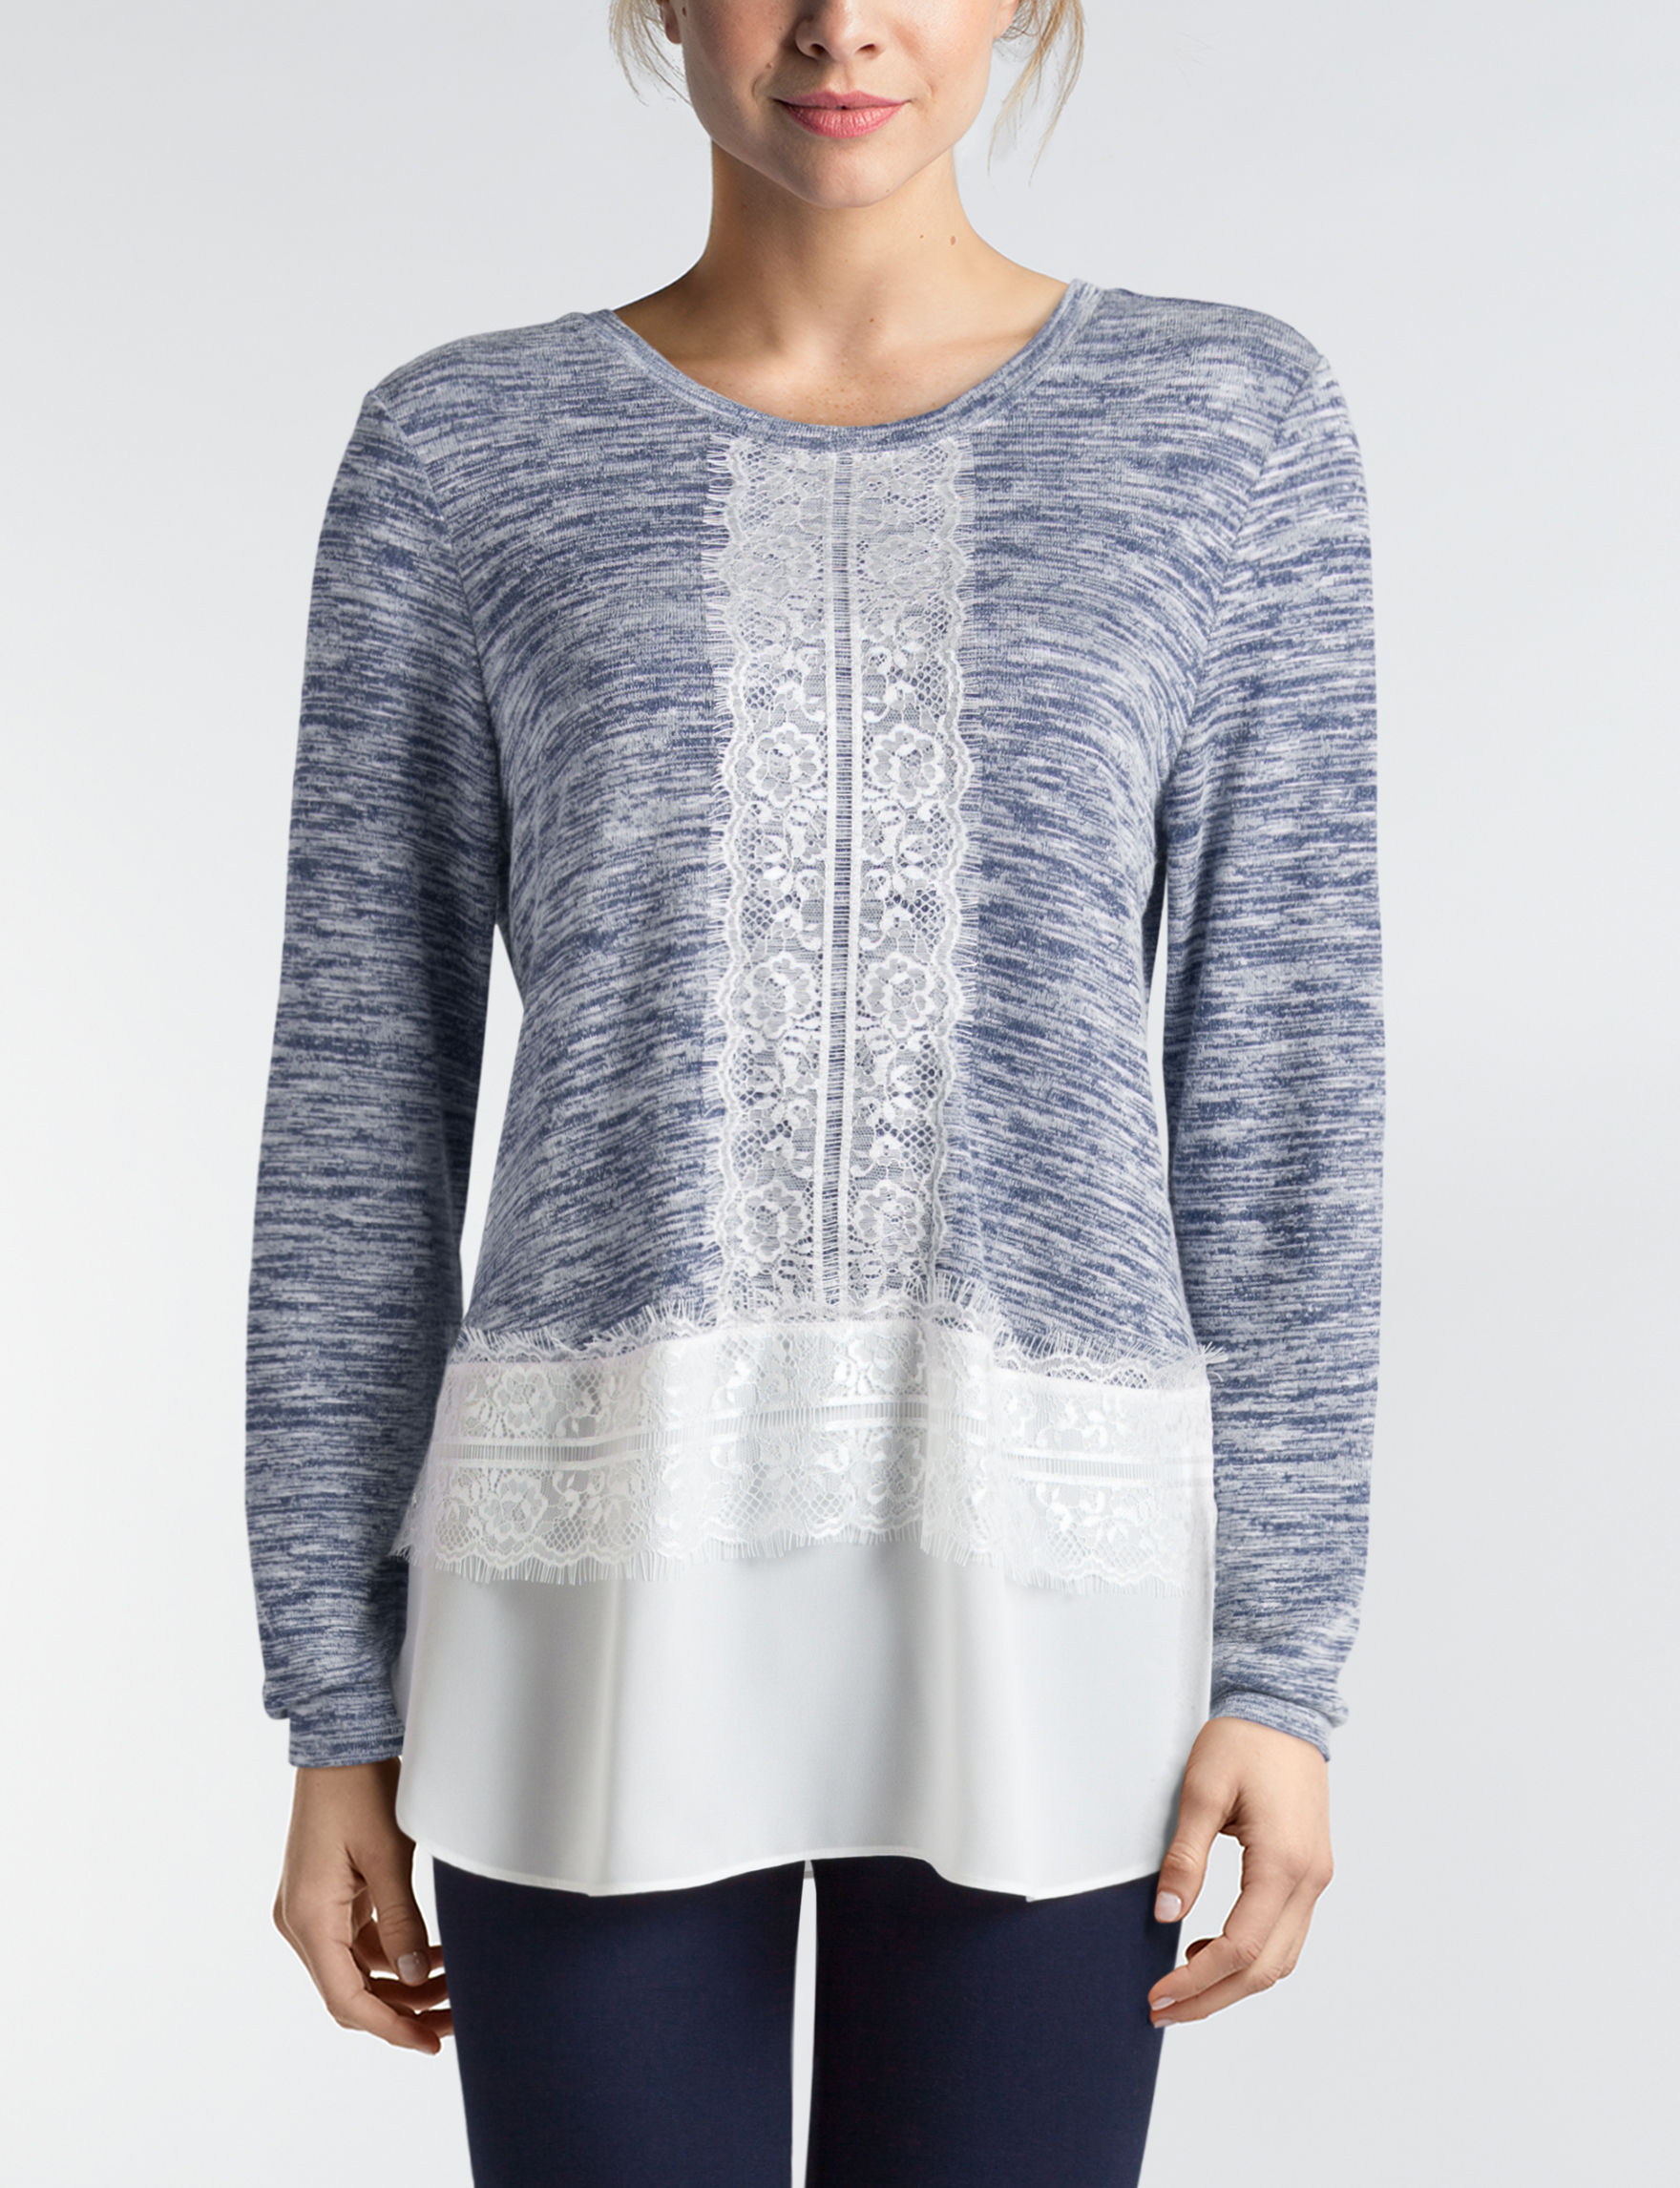 Valerie Stevens Navy / White Shirts & Blouses